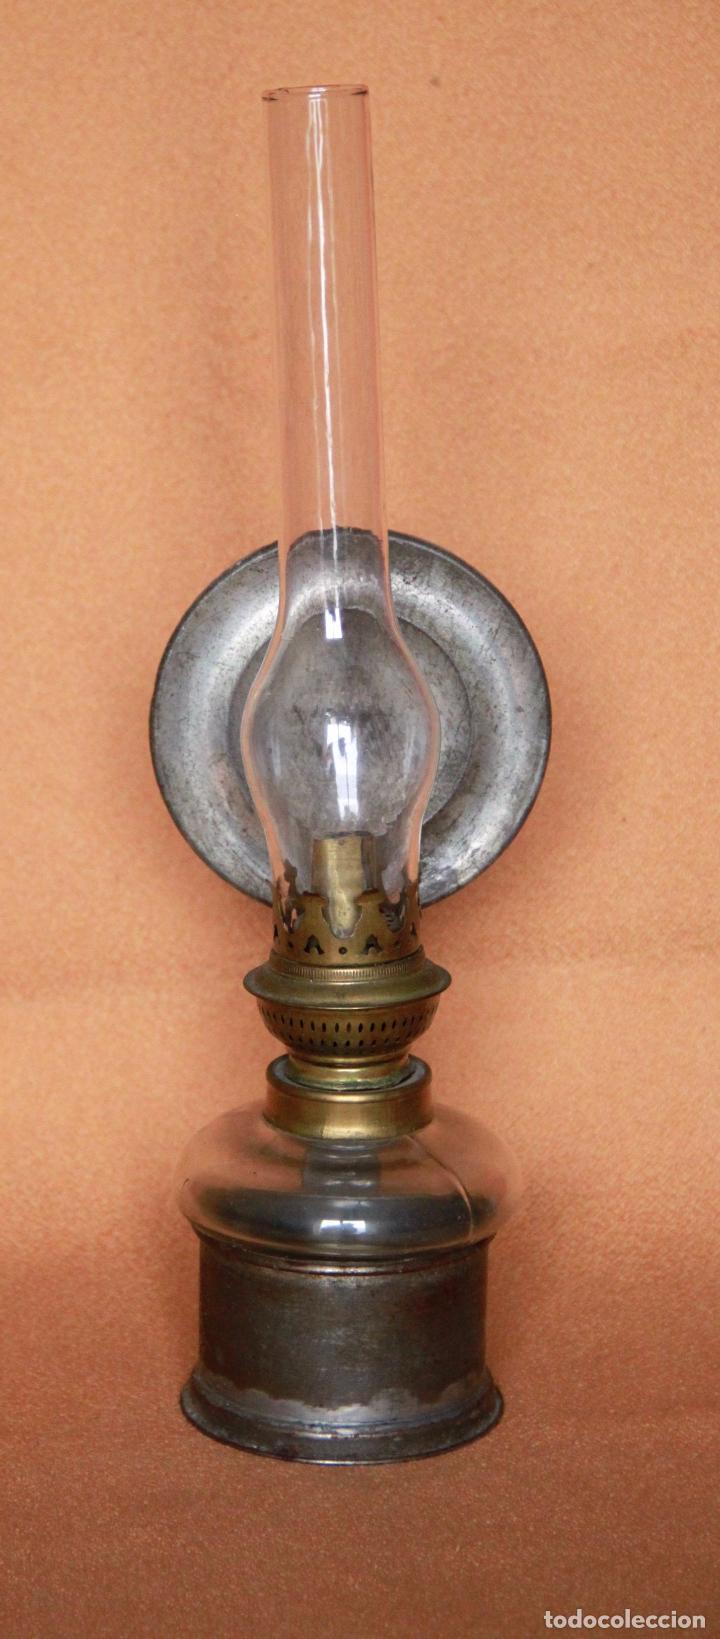 QUINQUE - LAMPARA DE ACEITE O PETROLEO (Antigüedades - Iluminación - Quinqués Antiguos)